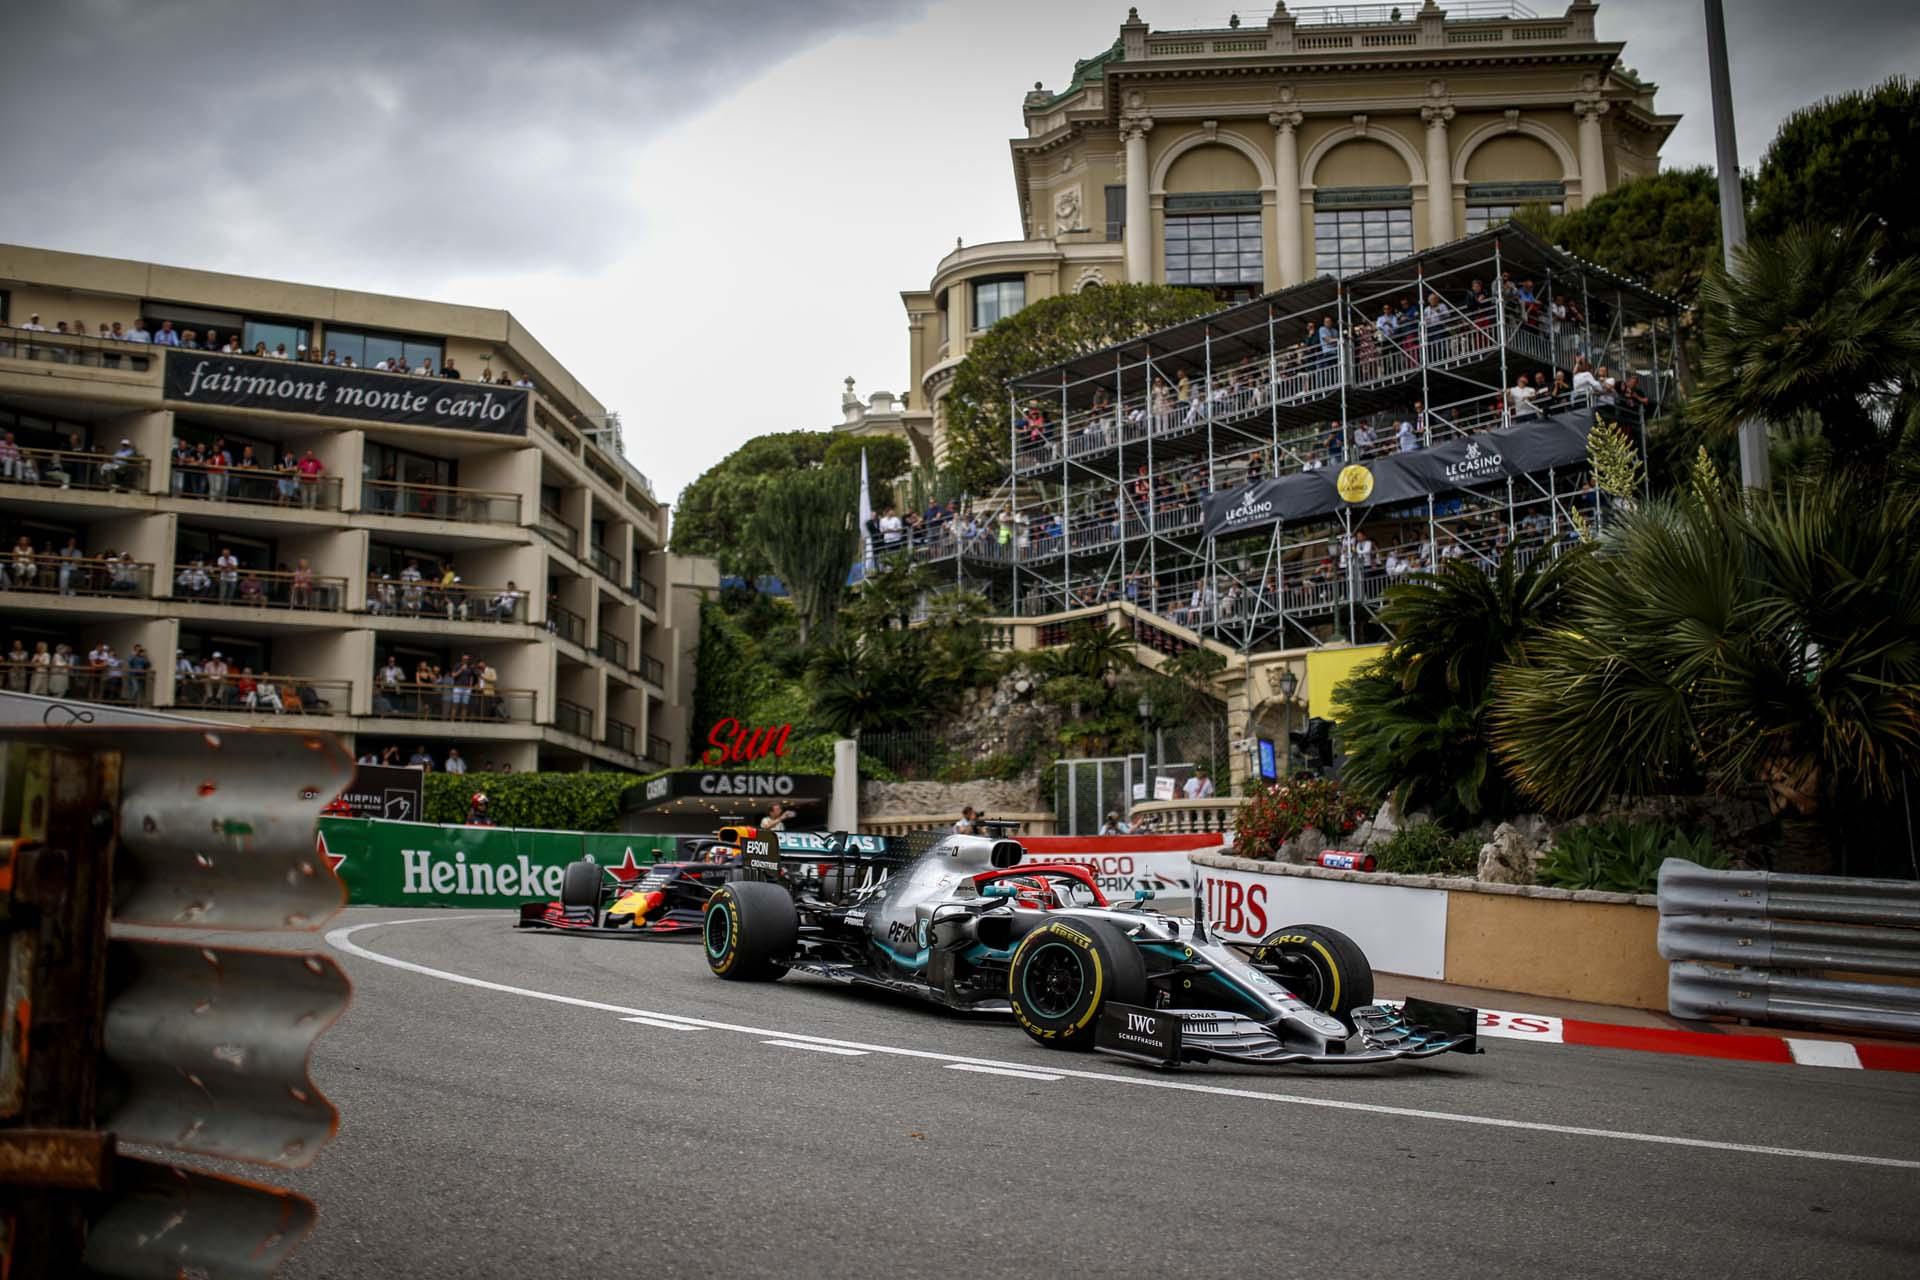 Großer Preis von Monaco 2019, Sonntag - Wolfgang Wilhelm